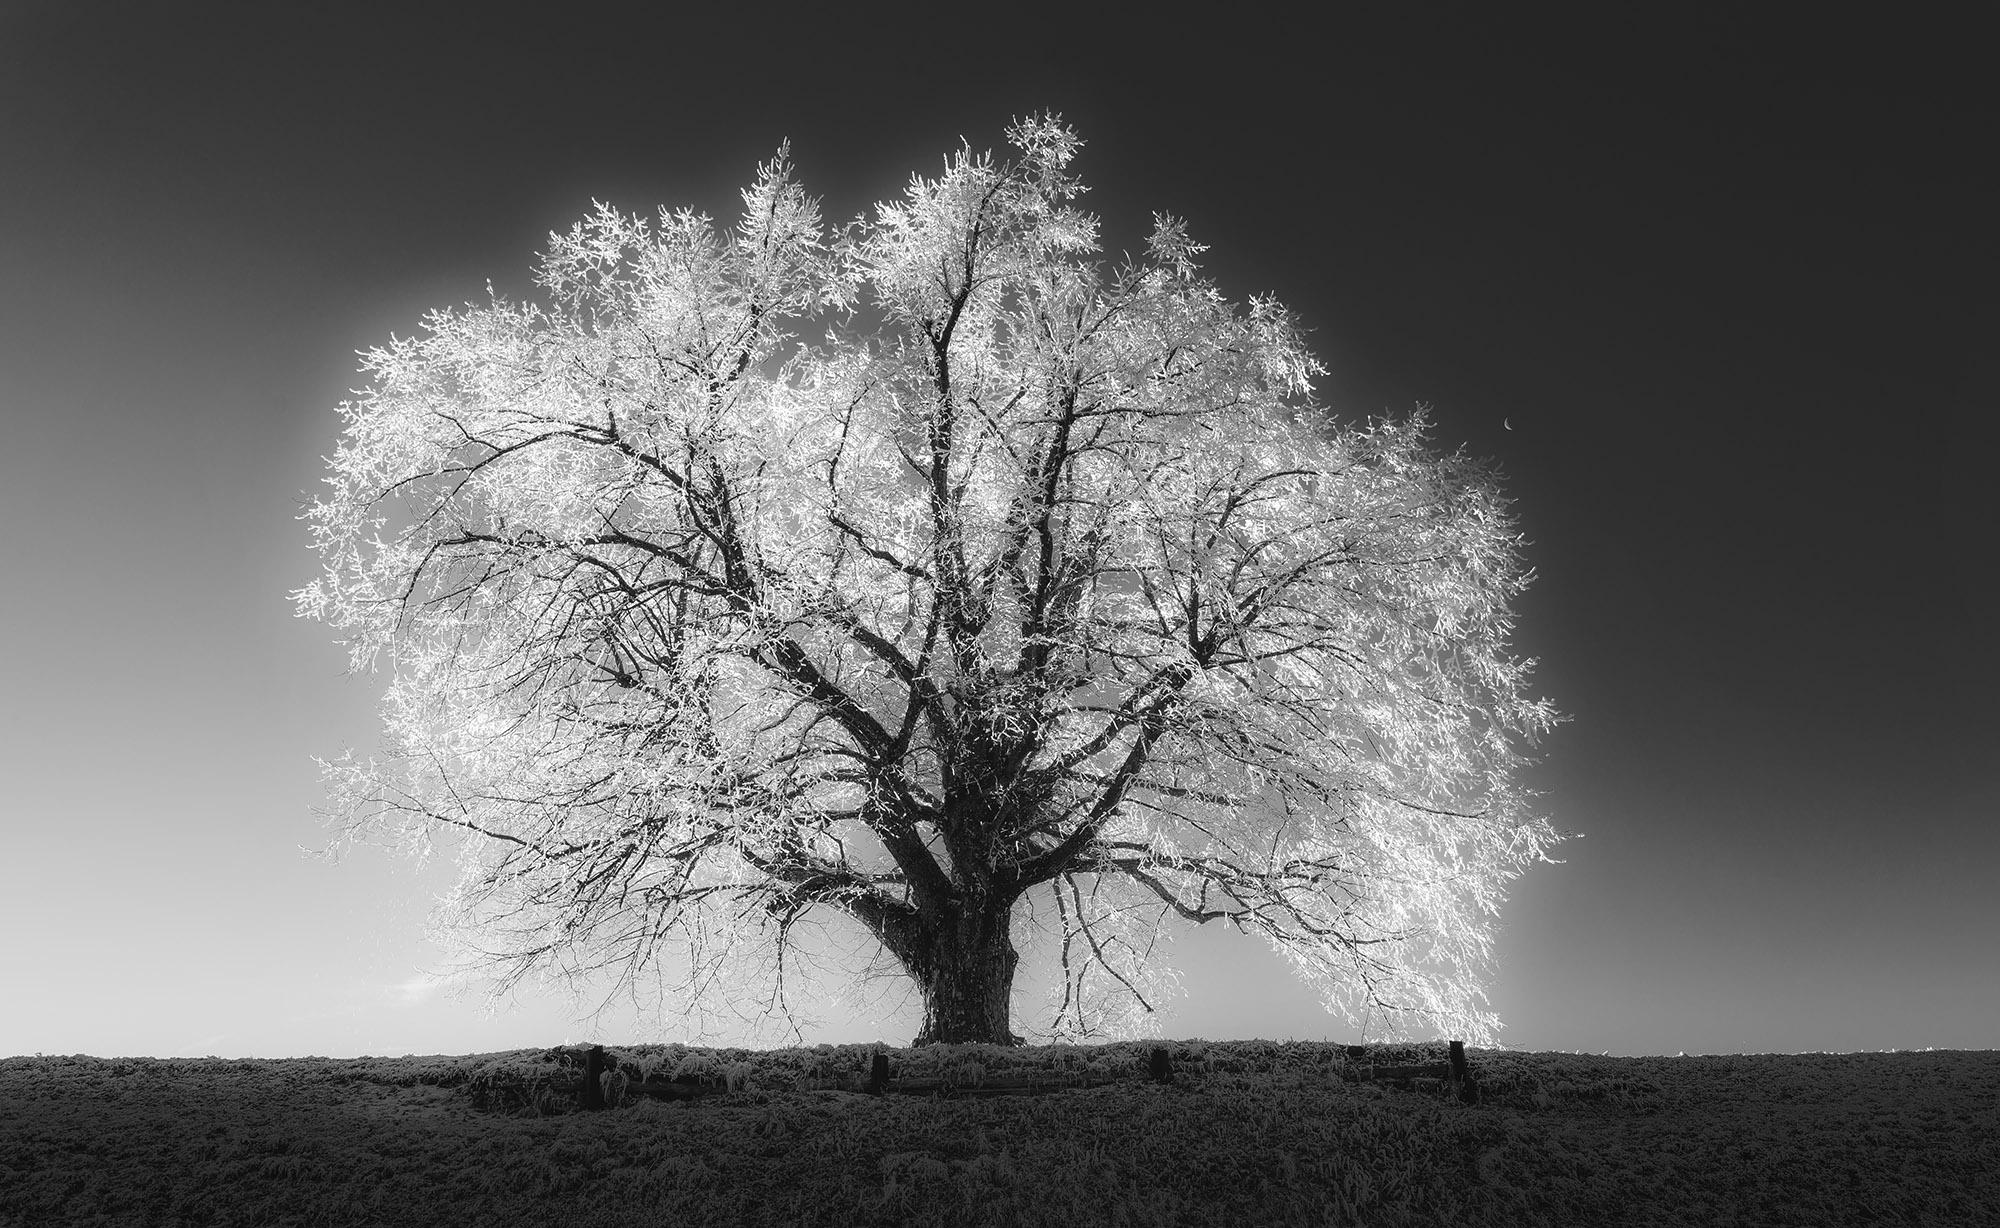 Dreamy Pixel | Big Winter Tree - Dreamy Pixel